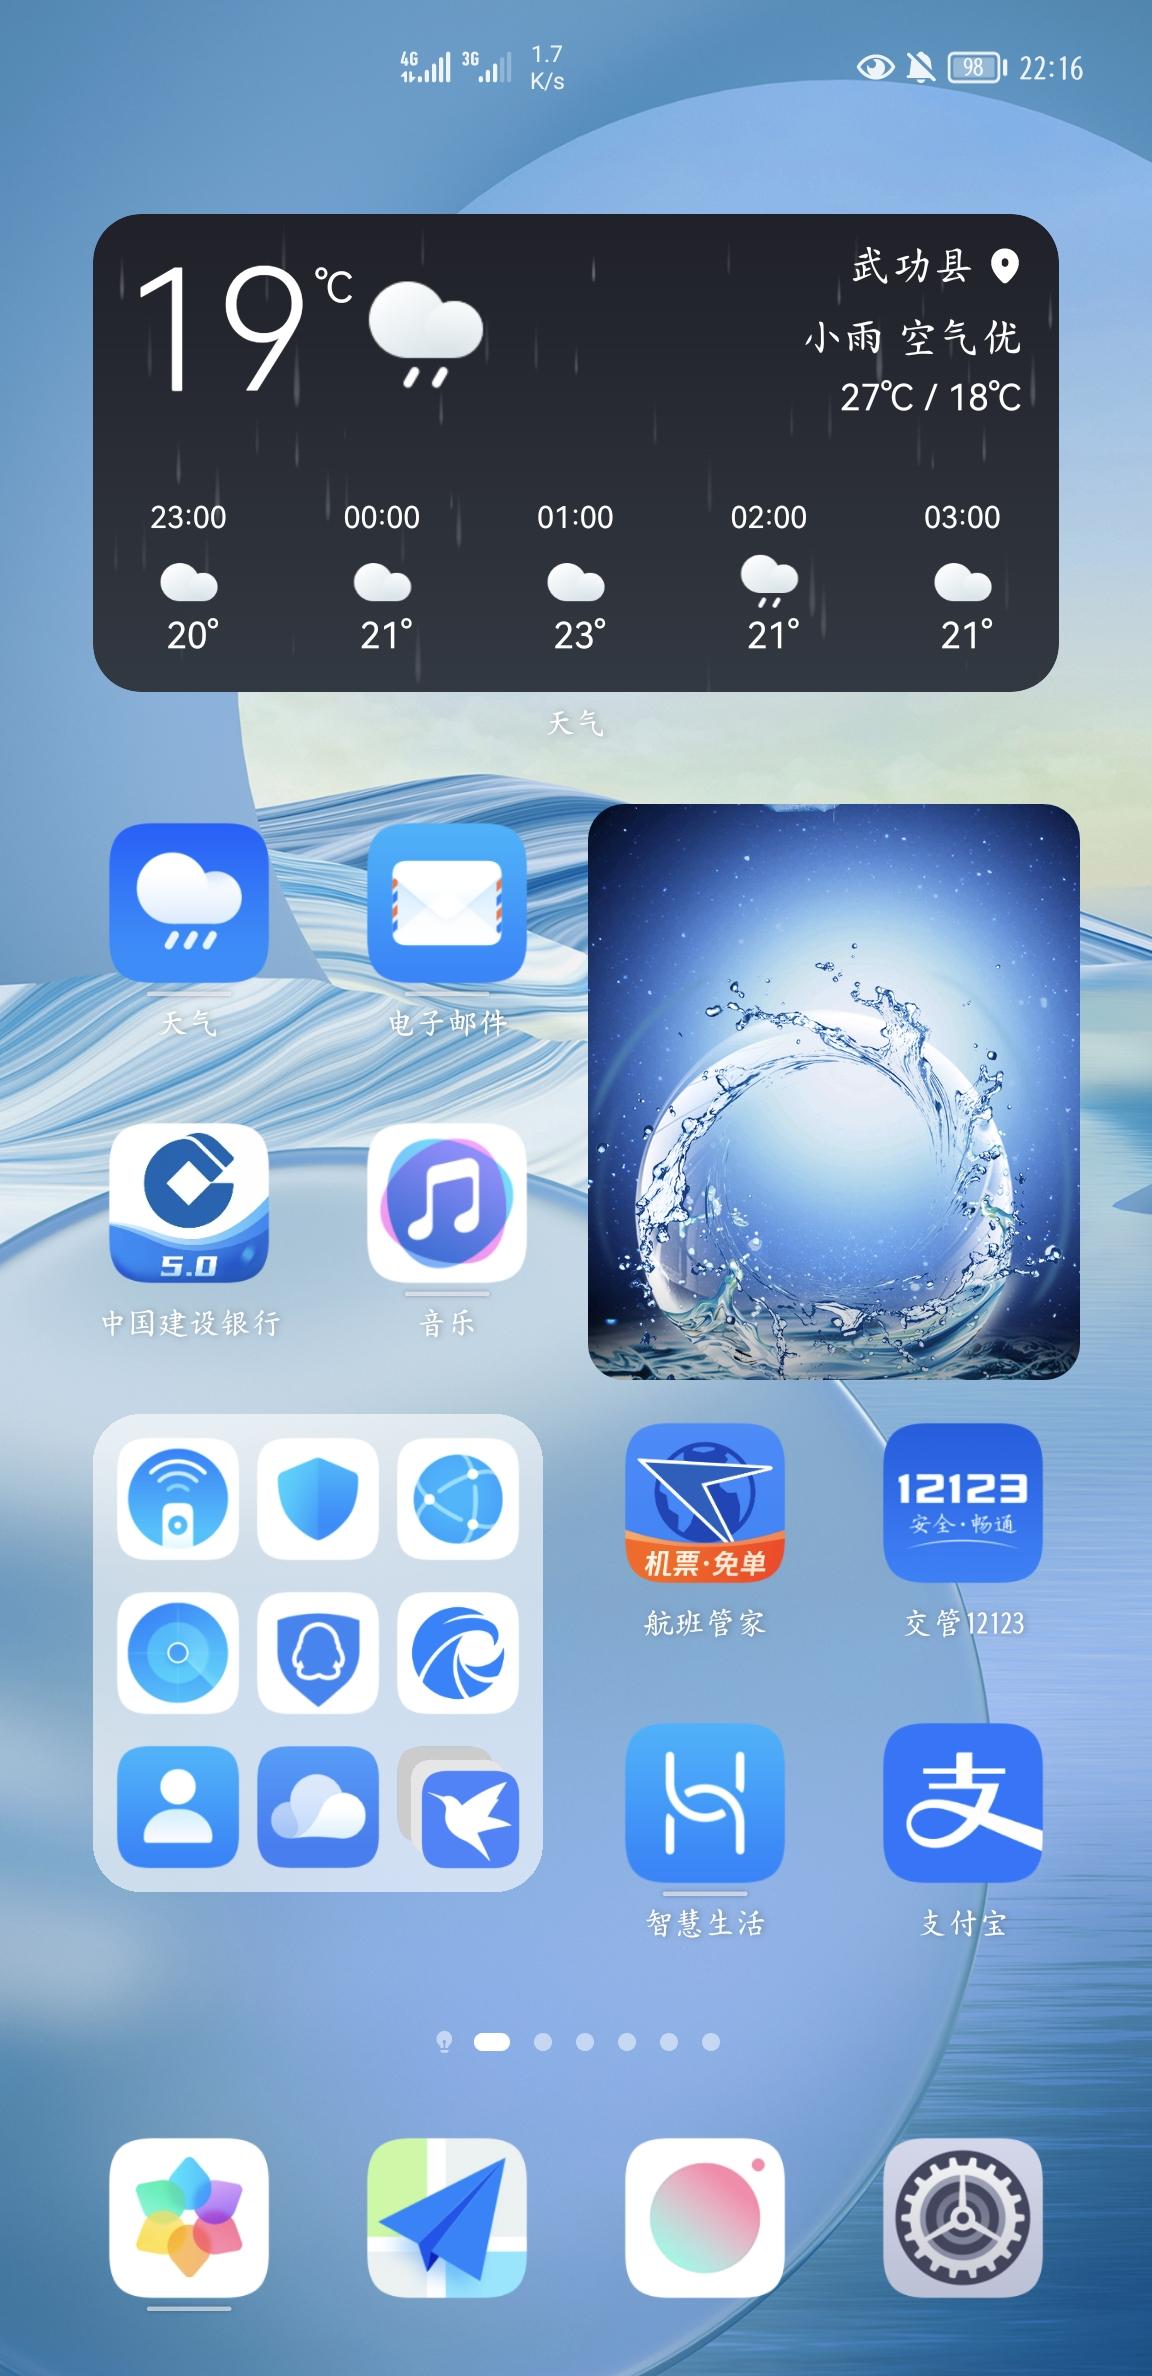 Screenshot_20210915_221647_com.huawei.android.launcher.jpg